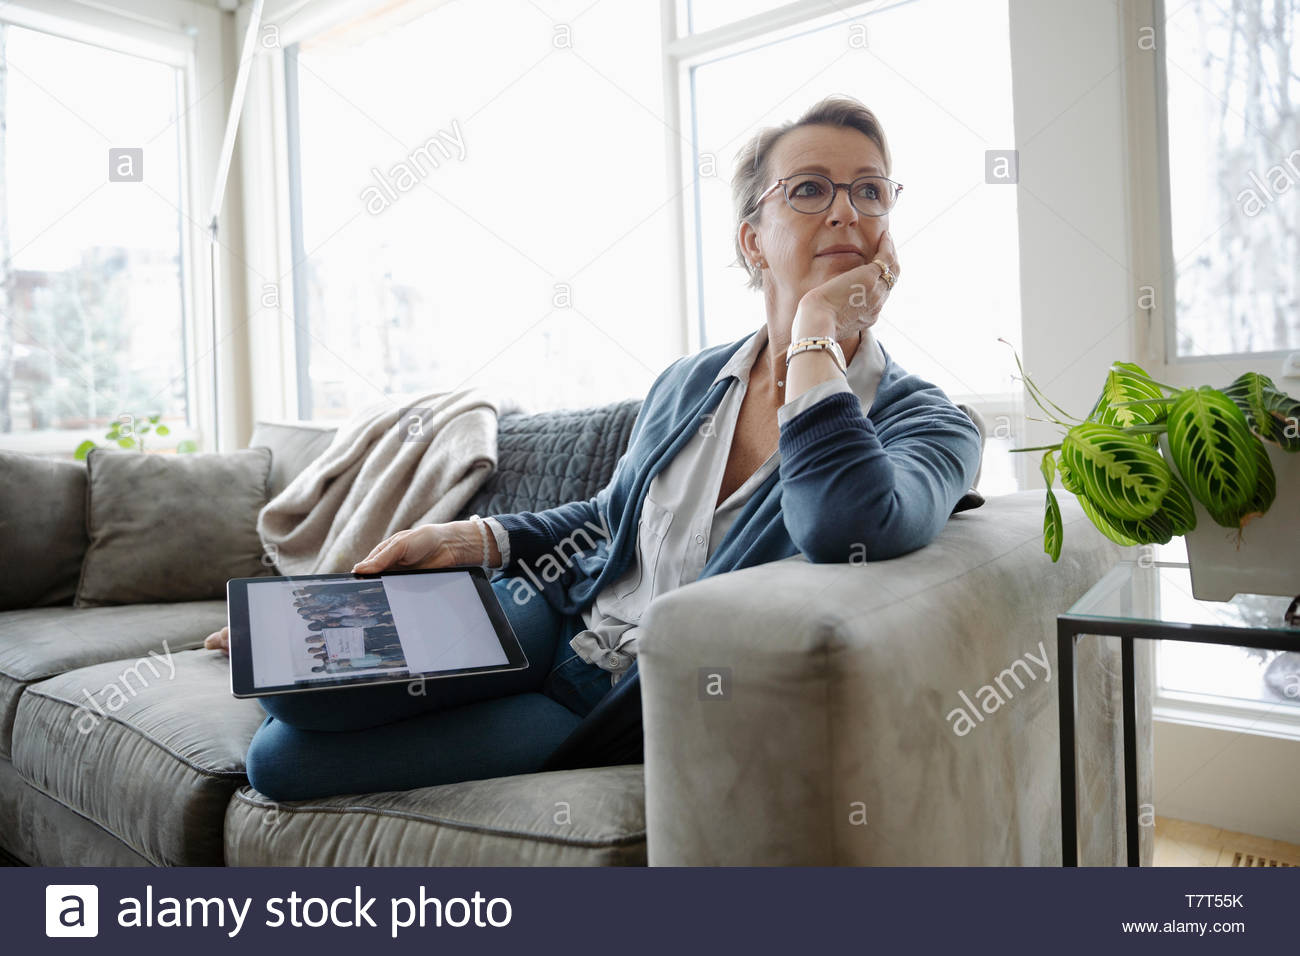 Premurosa donna matura con tavoletta digitale sul divano Immagini Stock